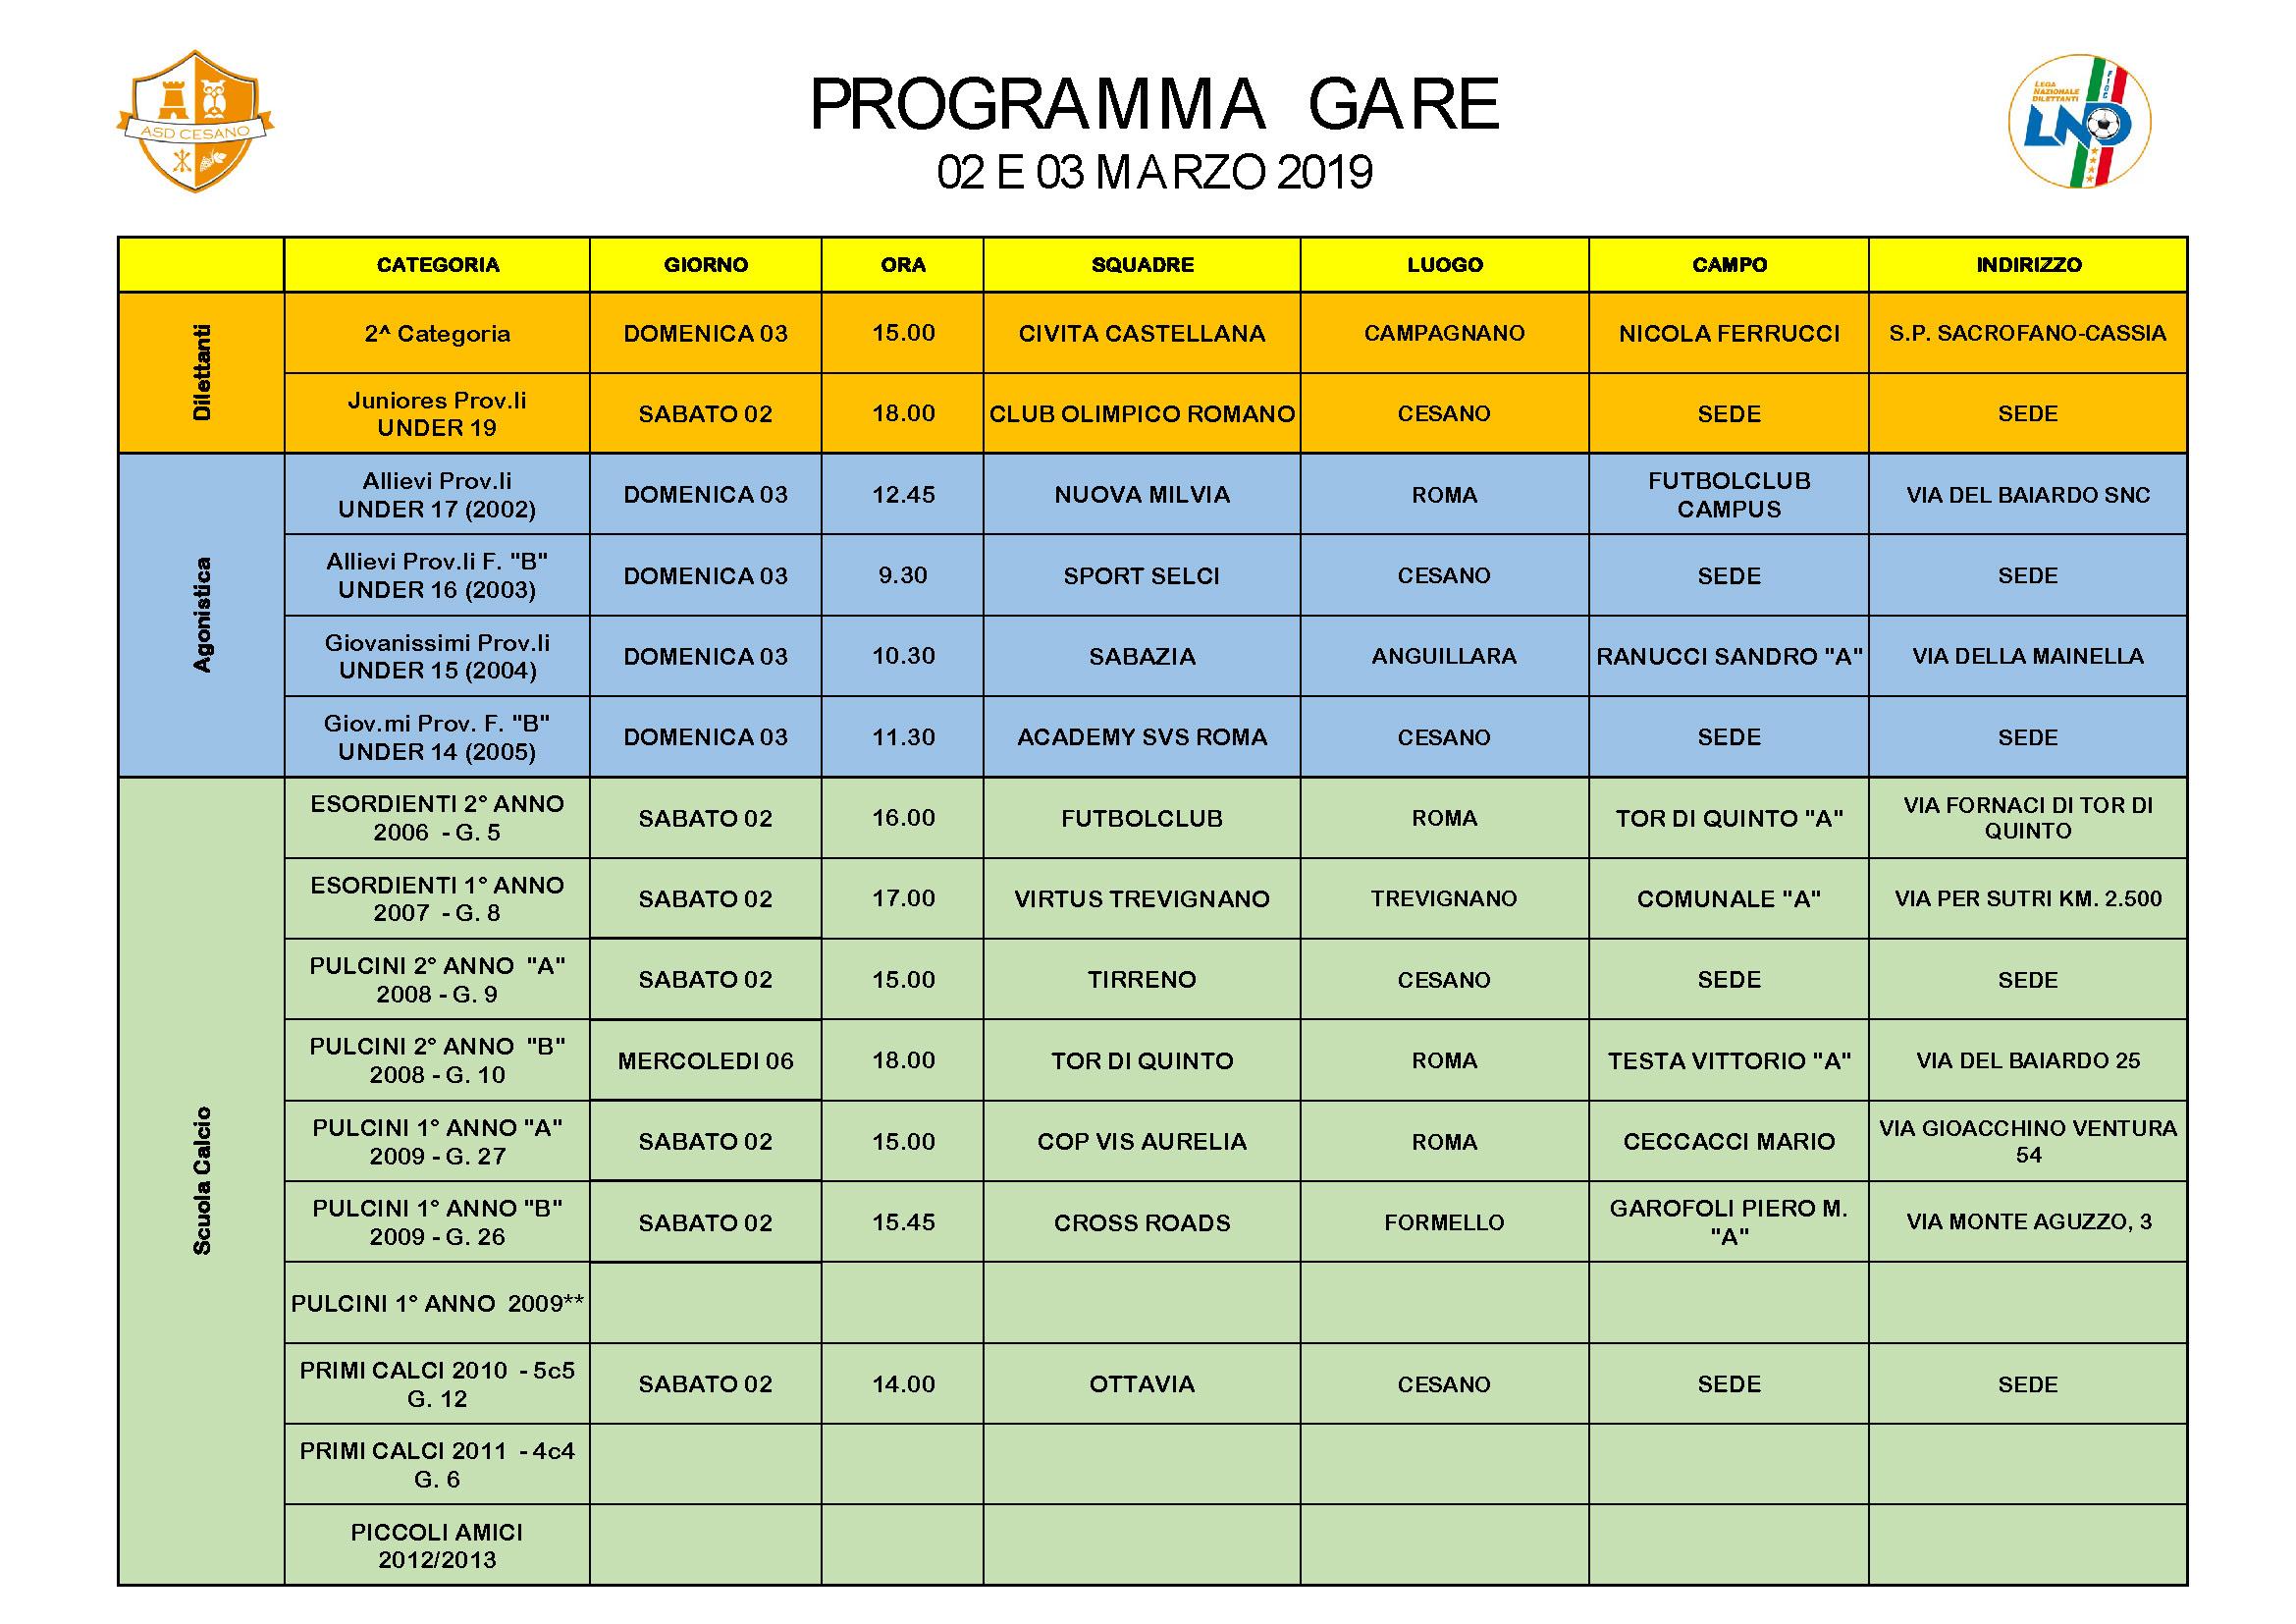 Programma gare 02-03-2019